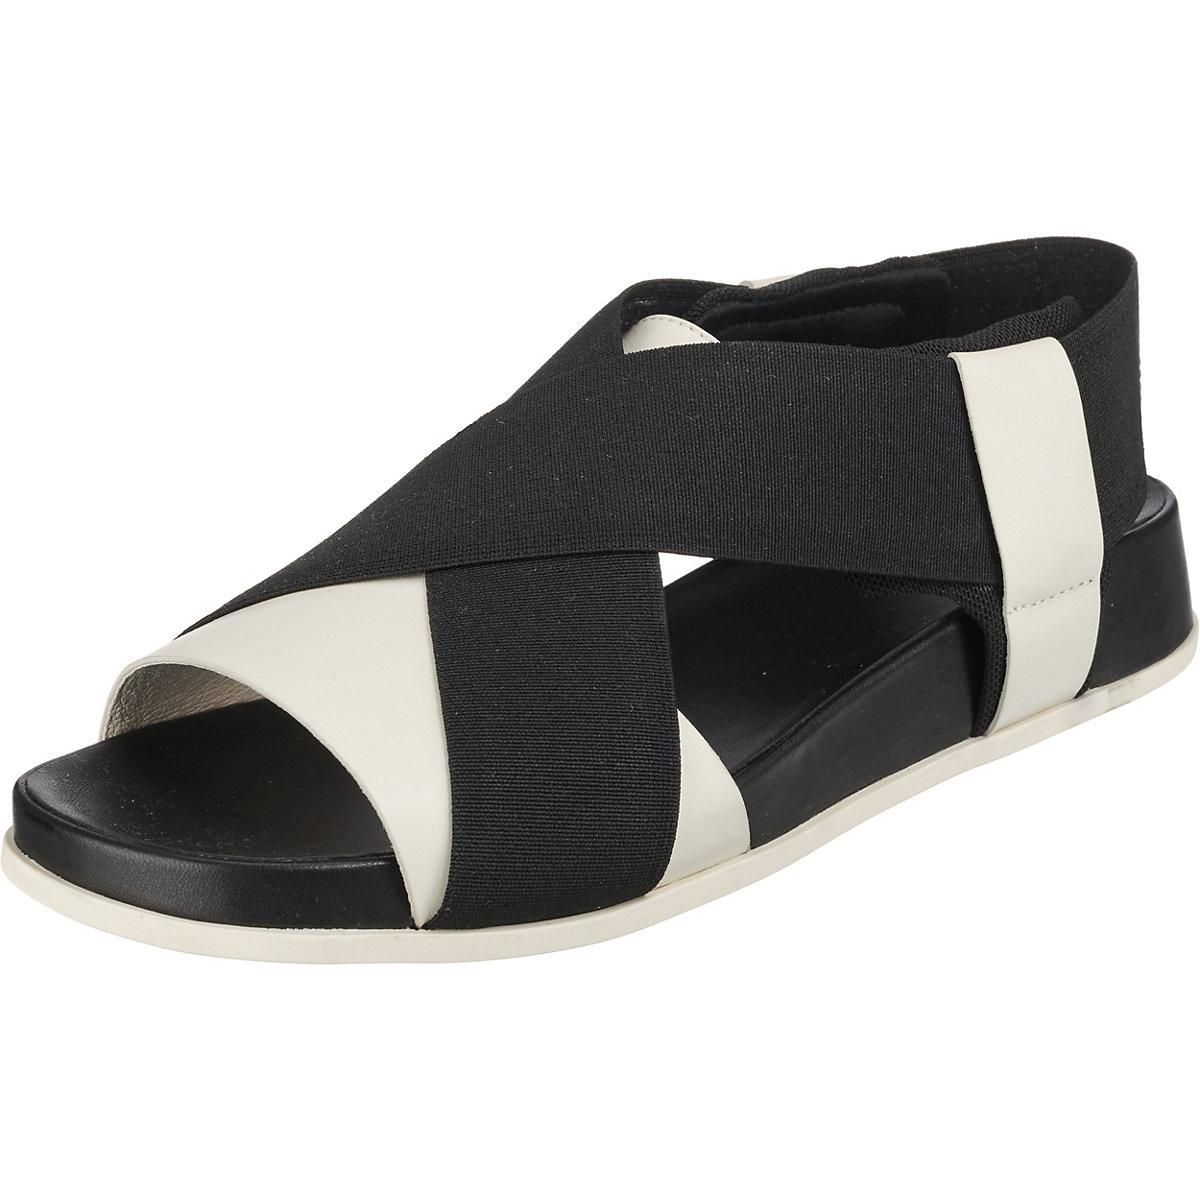 CAMPER, Klassische Sandalen, schwarz-kombi  Gute Qualität beliebte Schuhe